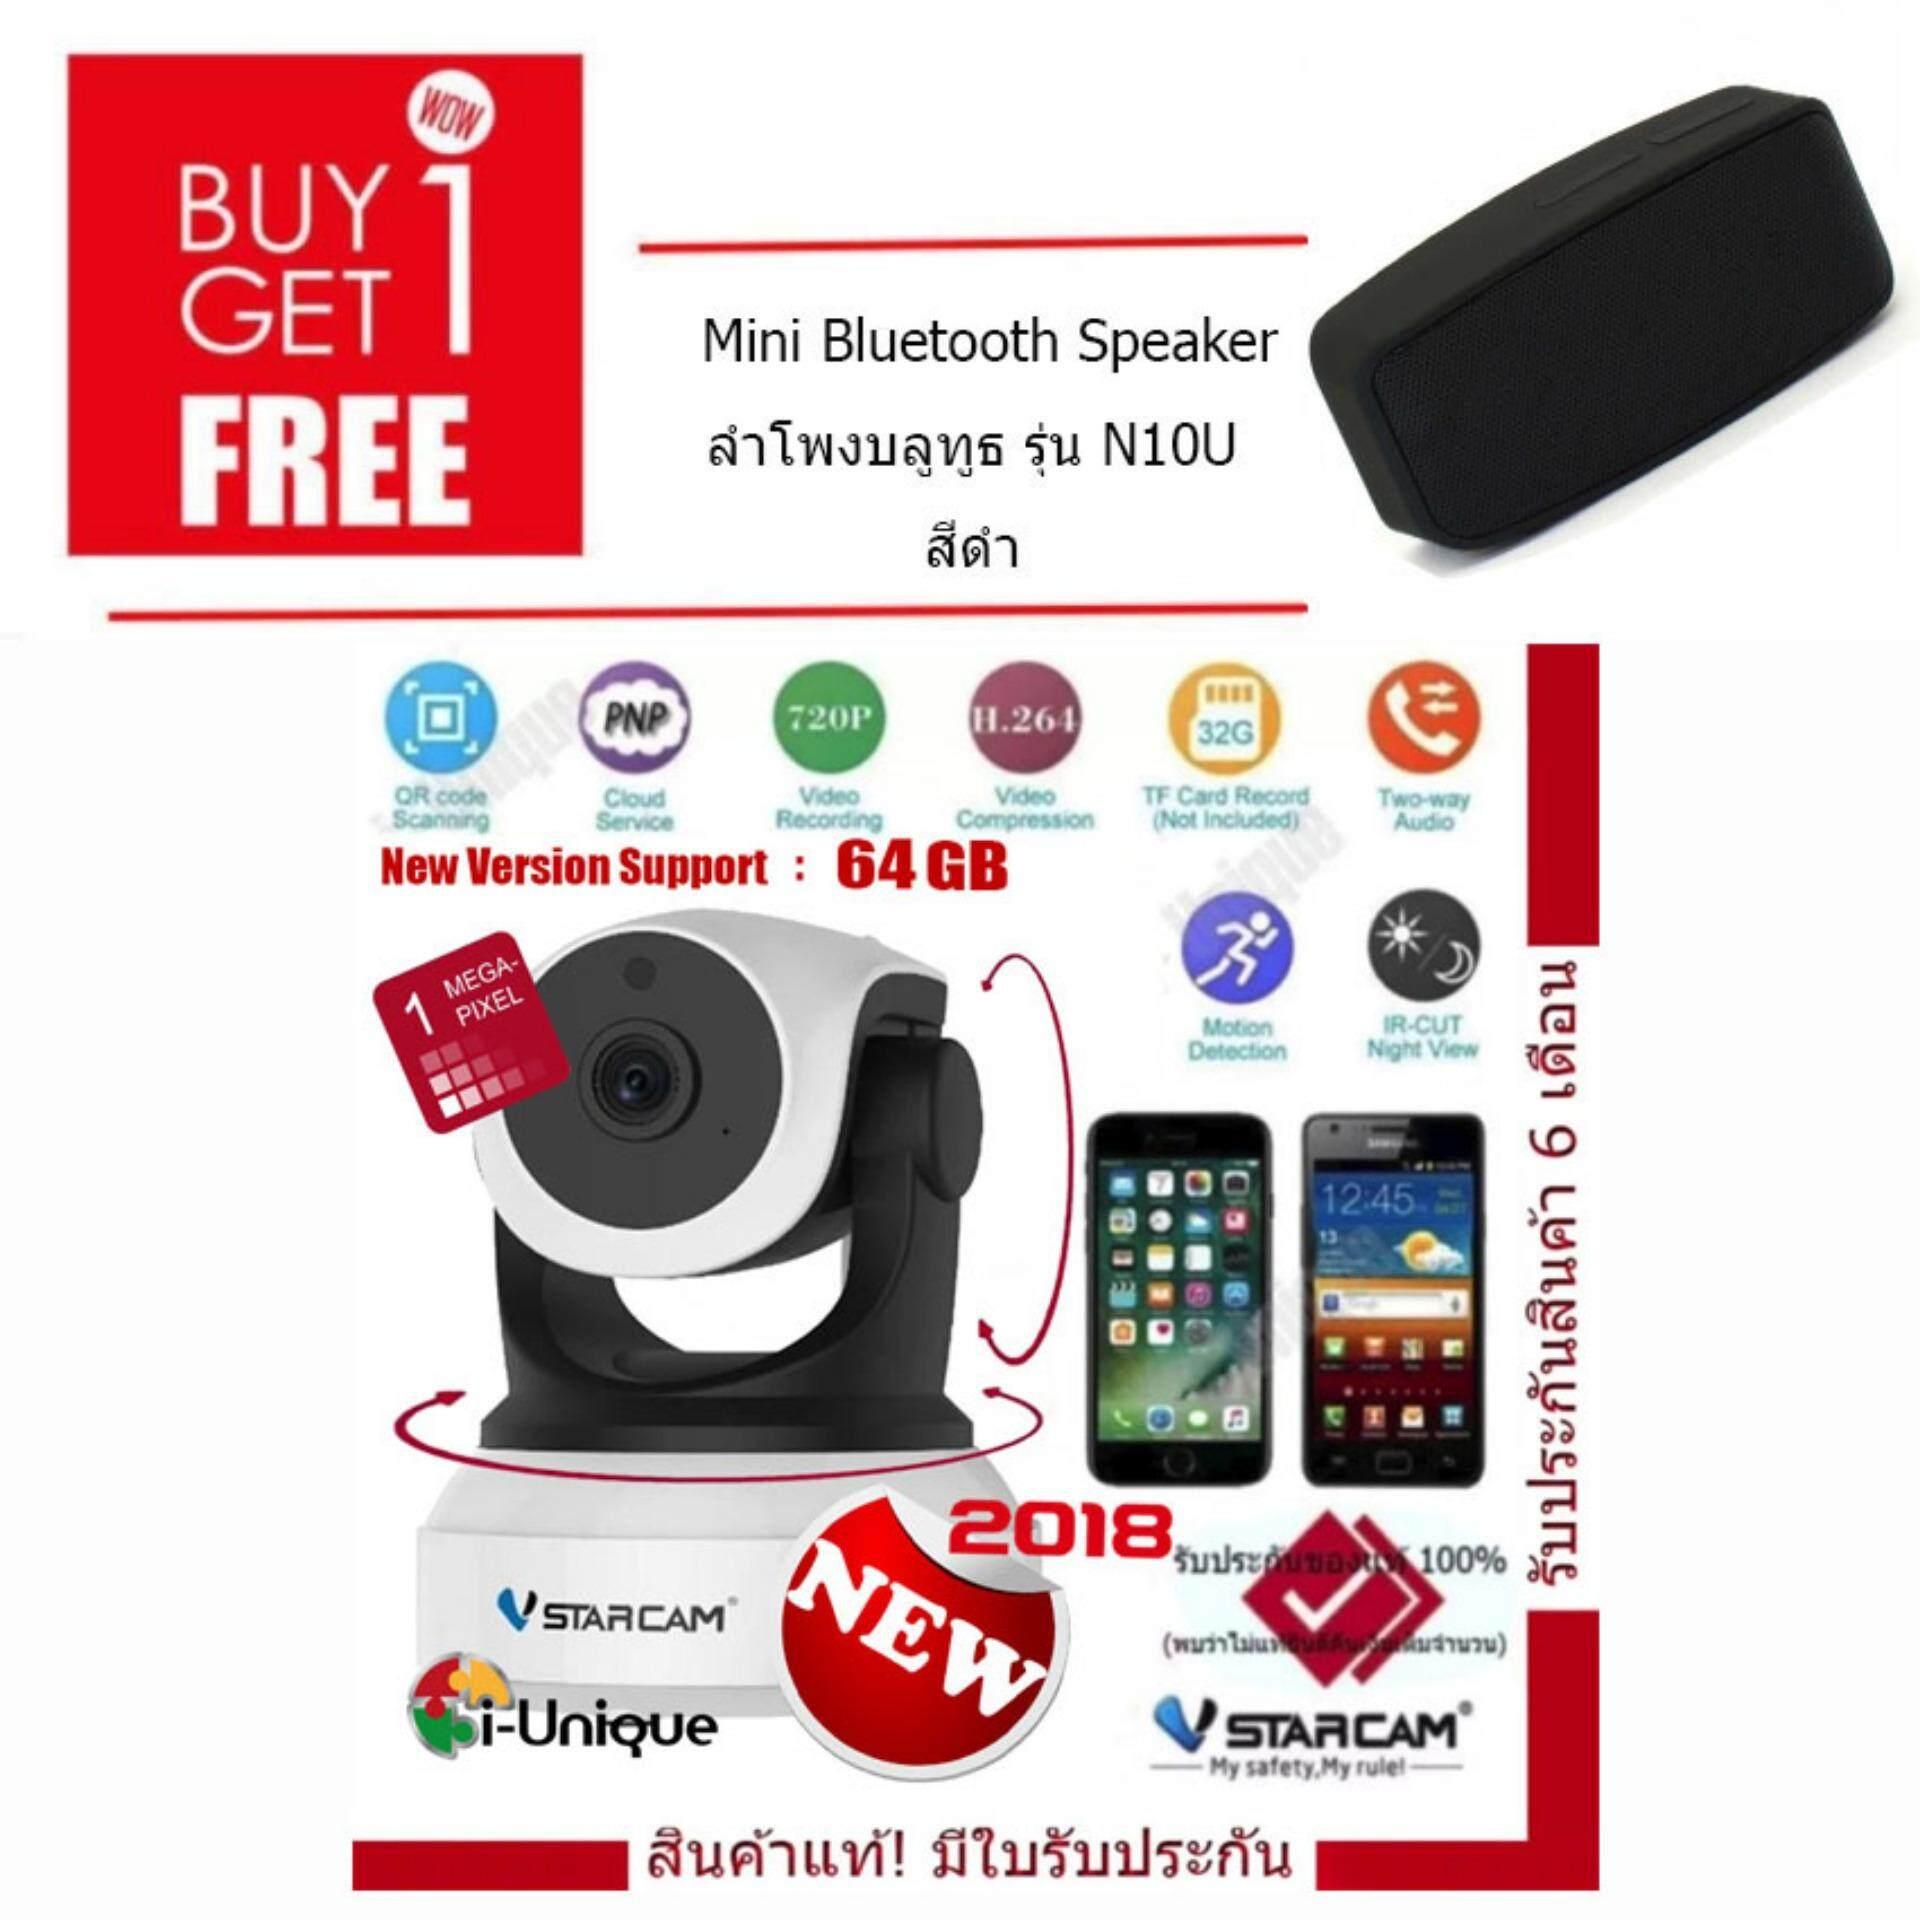 ซื้อ Vstarcam กล้องวงจรปิด Ip Camera รุ่น C7824 1 Mp And Ir Cut Wip Hd Onvif สีขาว ดำ แถมฟรี Mini Bluetooth Speaker ลำโพงบลูทูธ รุ่น N10U Black มูลค่า 290 บาท Vstarcam เป็นต้นฉบับ